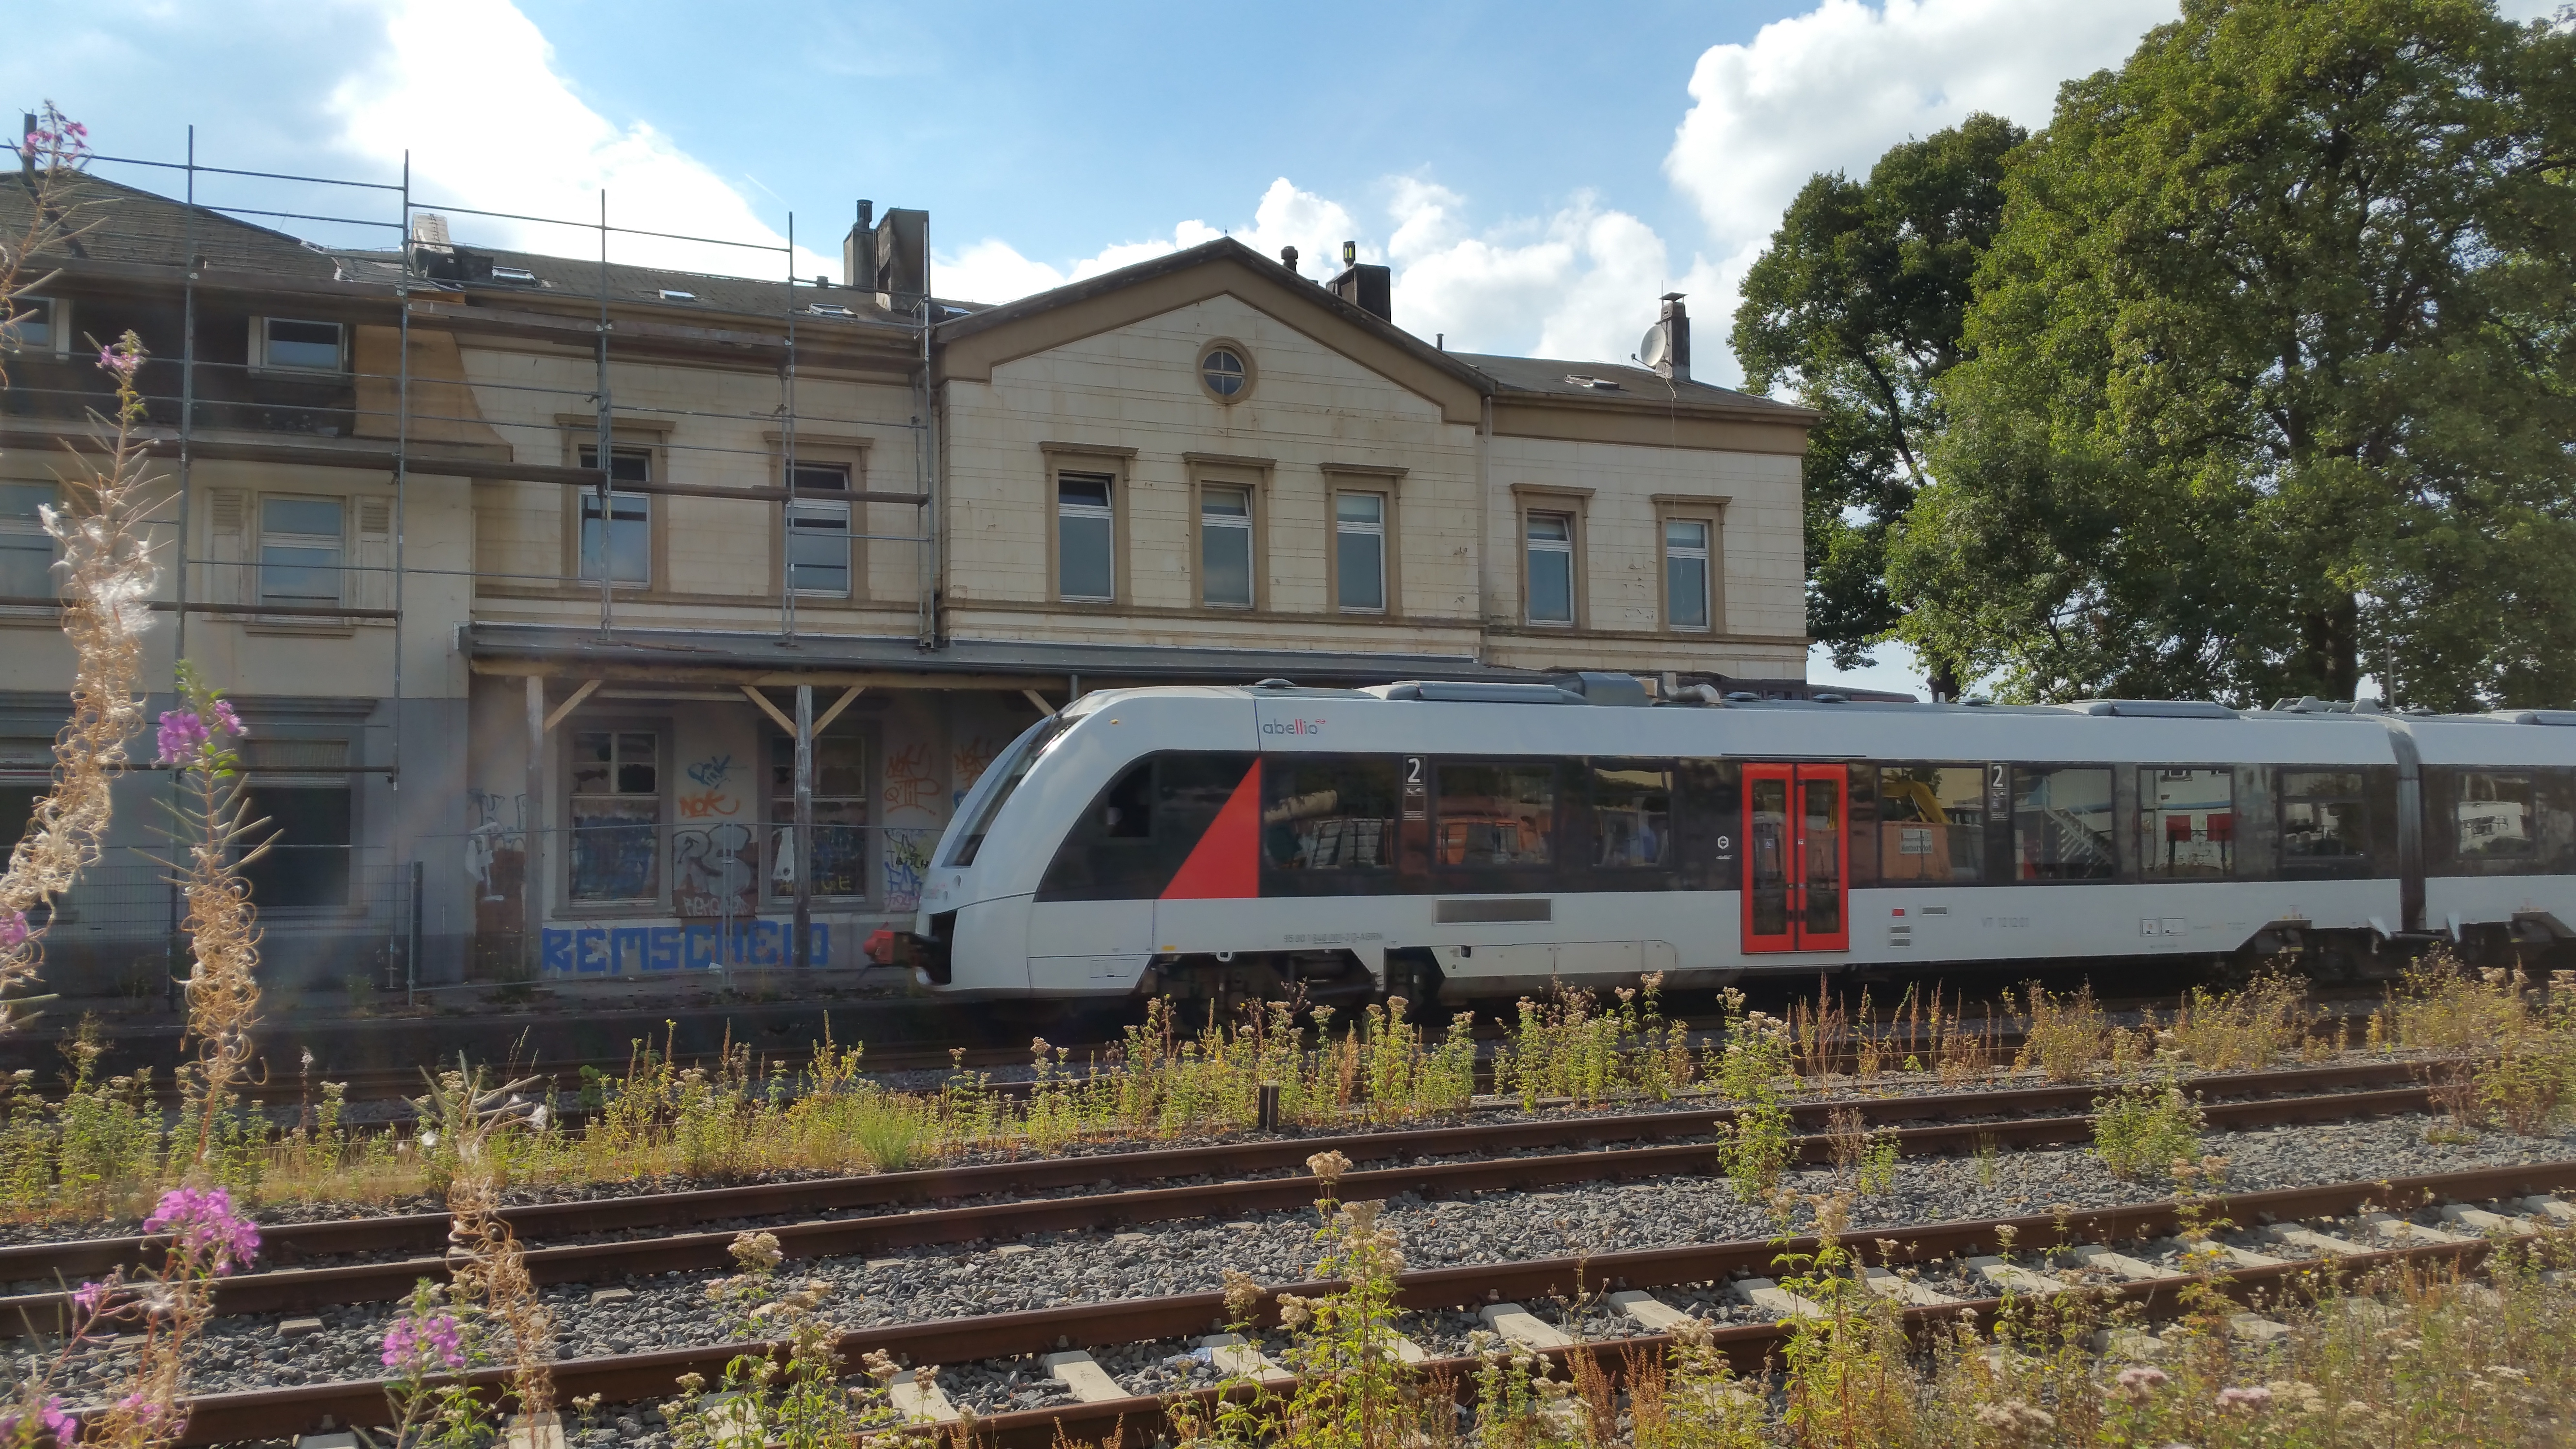 Für den Bahnhof ist der Zug noch nicht abgefahren, Zusteigende sind noch gern gesehen. Foto: Sascha von Gerishem